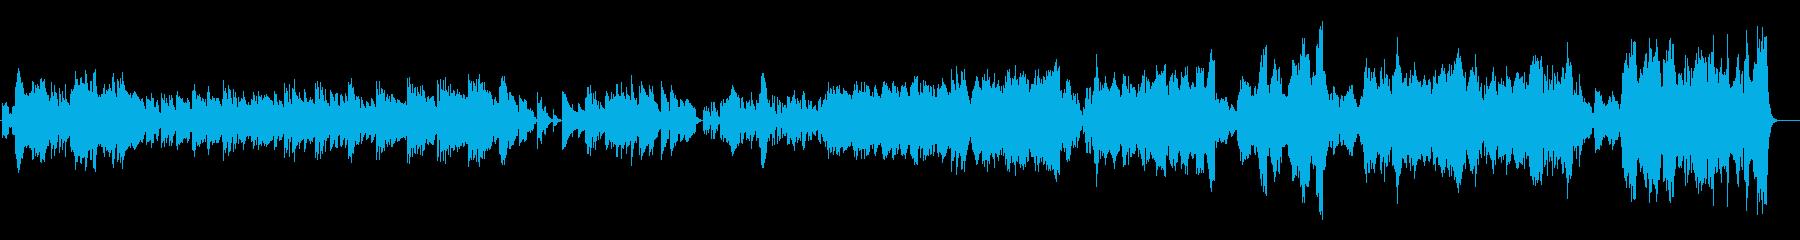 イタリア民謡帰れソレントへの再生済みの波形